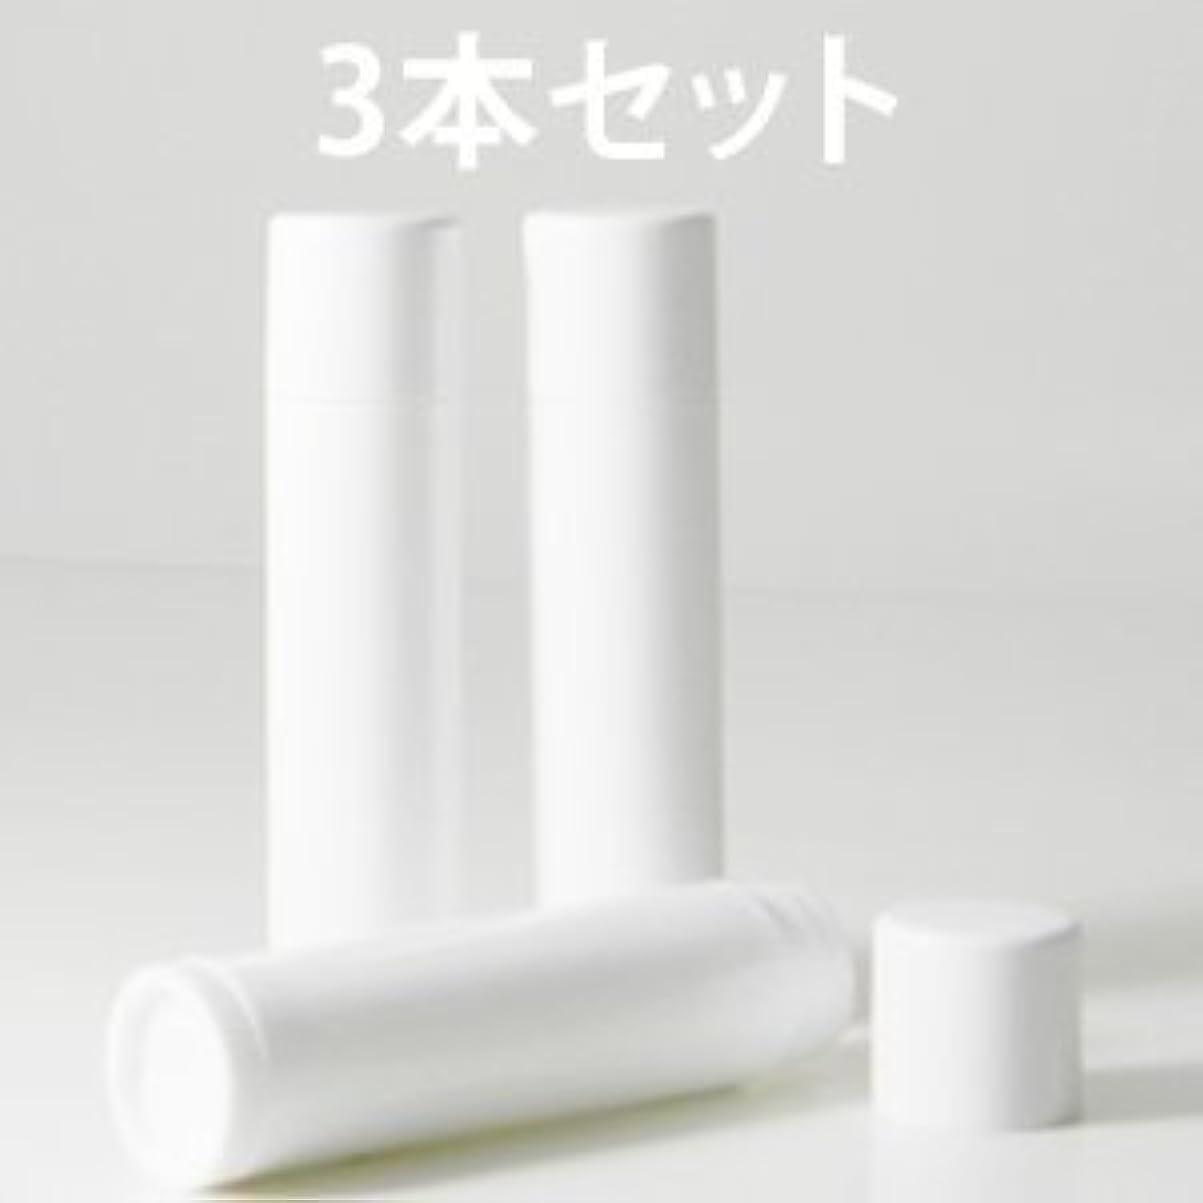 出します仲間、同僚本質的ではないリップバームチューブ (ホワイト) 3本セット 【手作り化粧品容器】